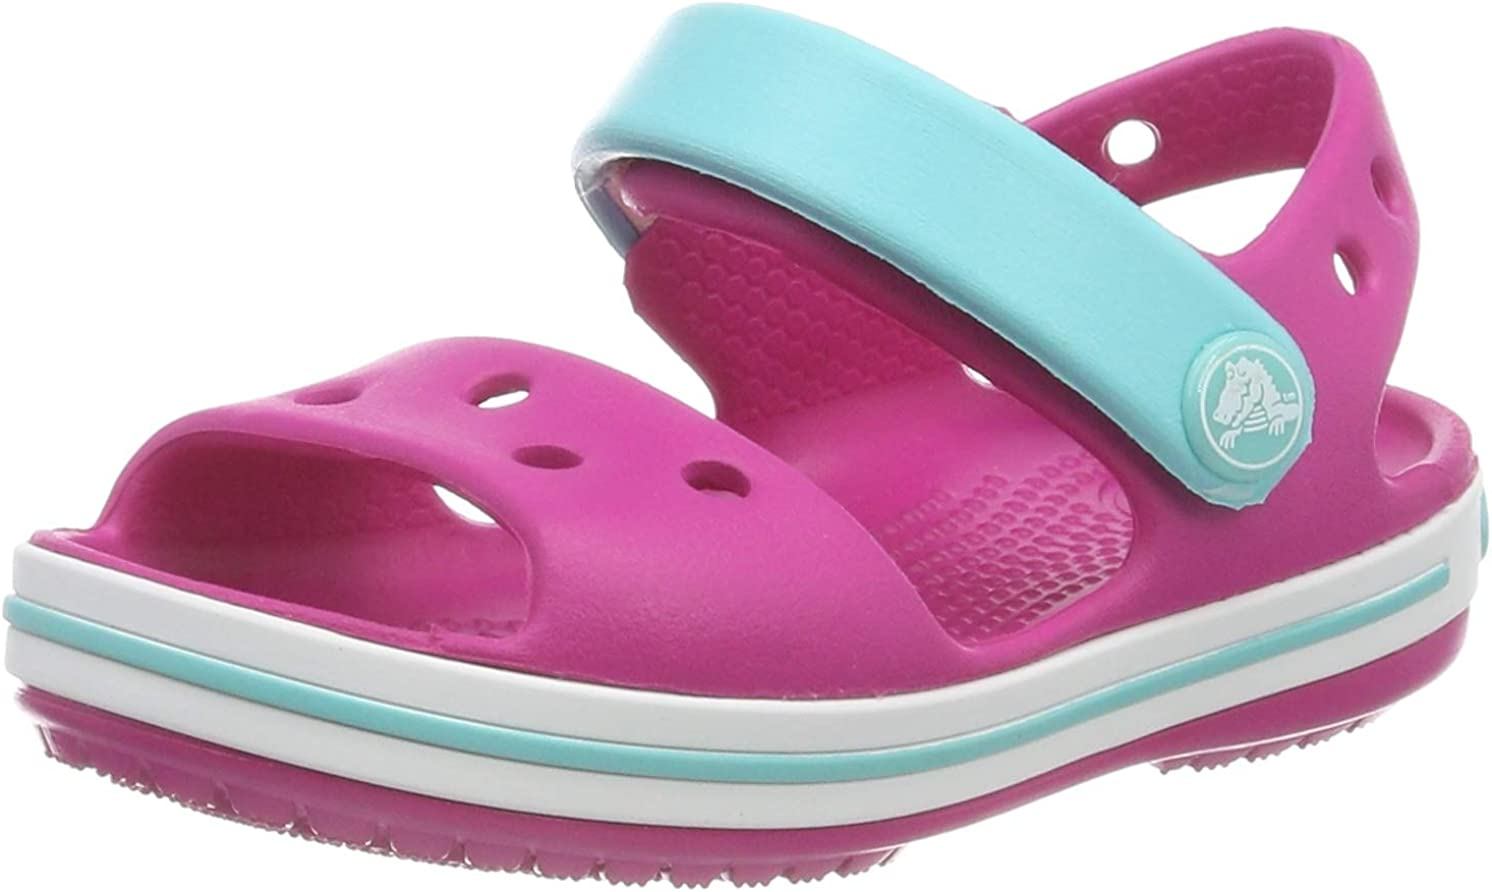 Sandali con Cinturino alla Caviglia Unisex-Bambini Crocs Crocband Kids